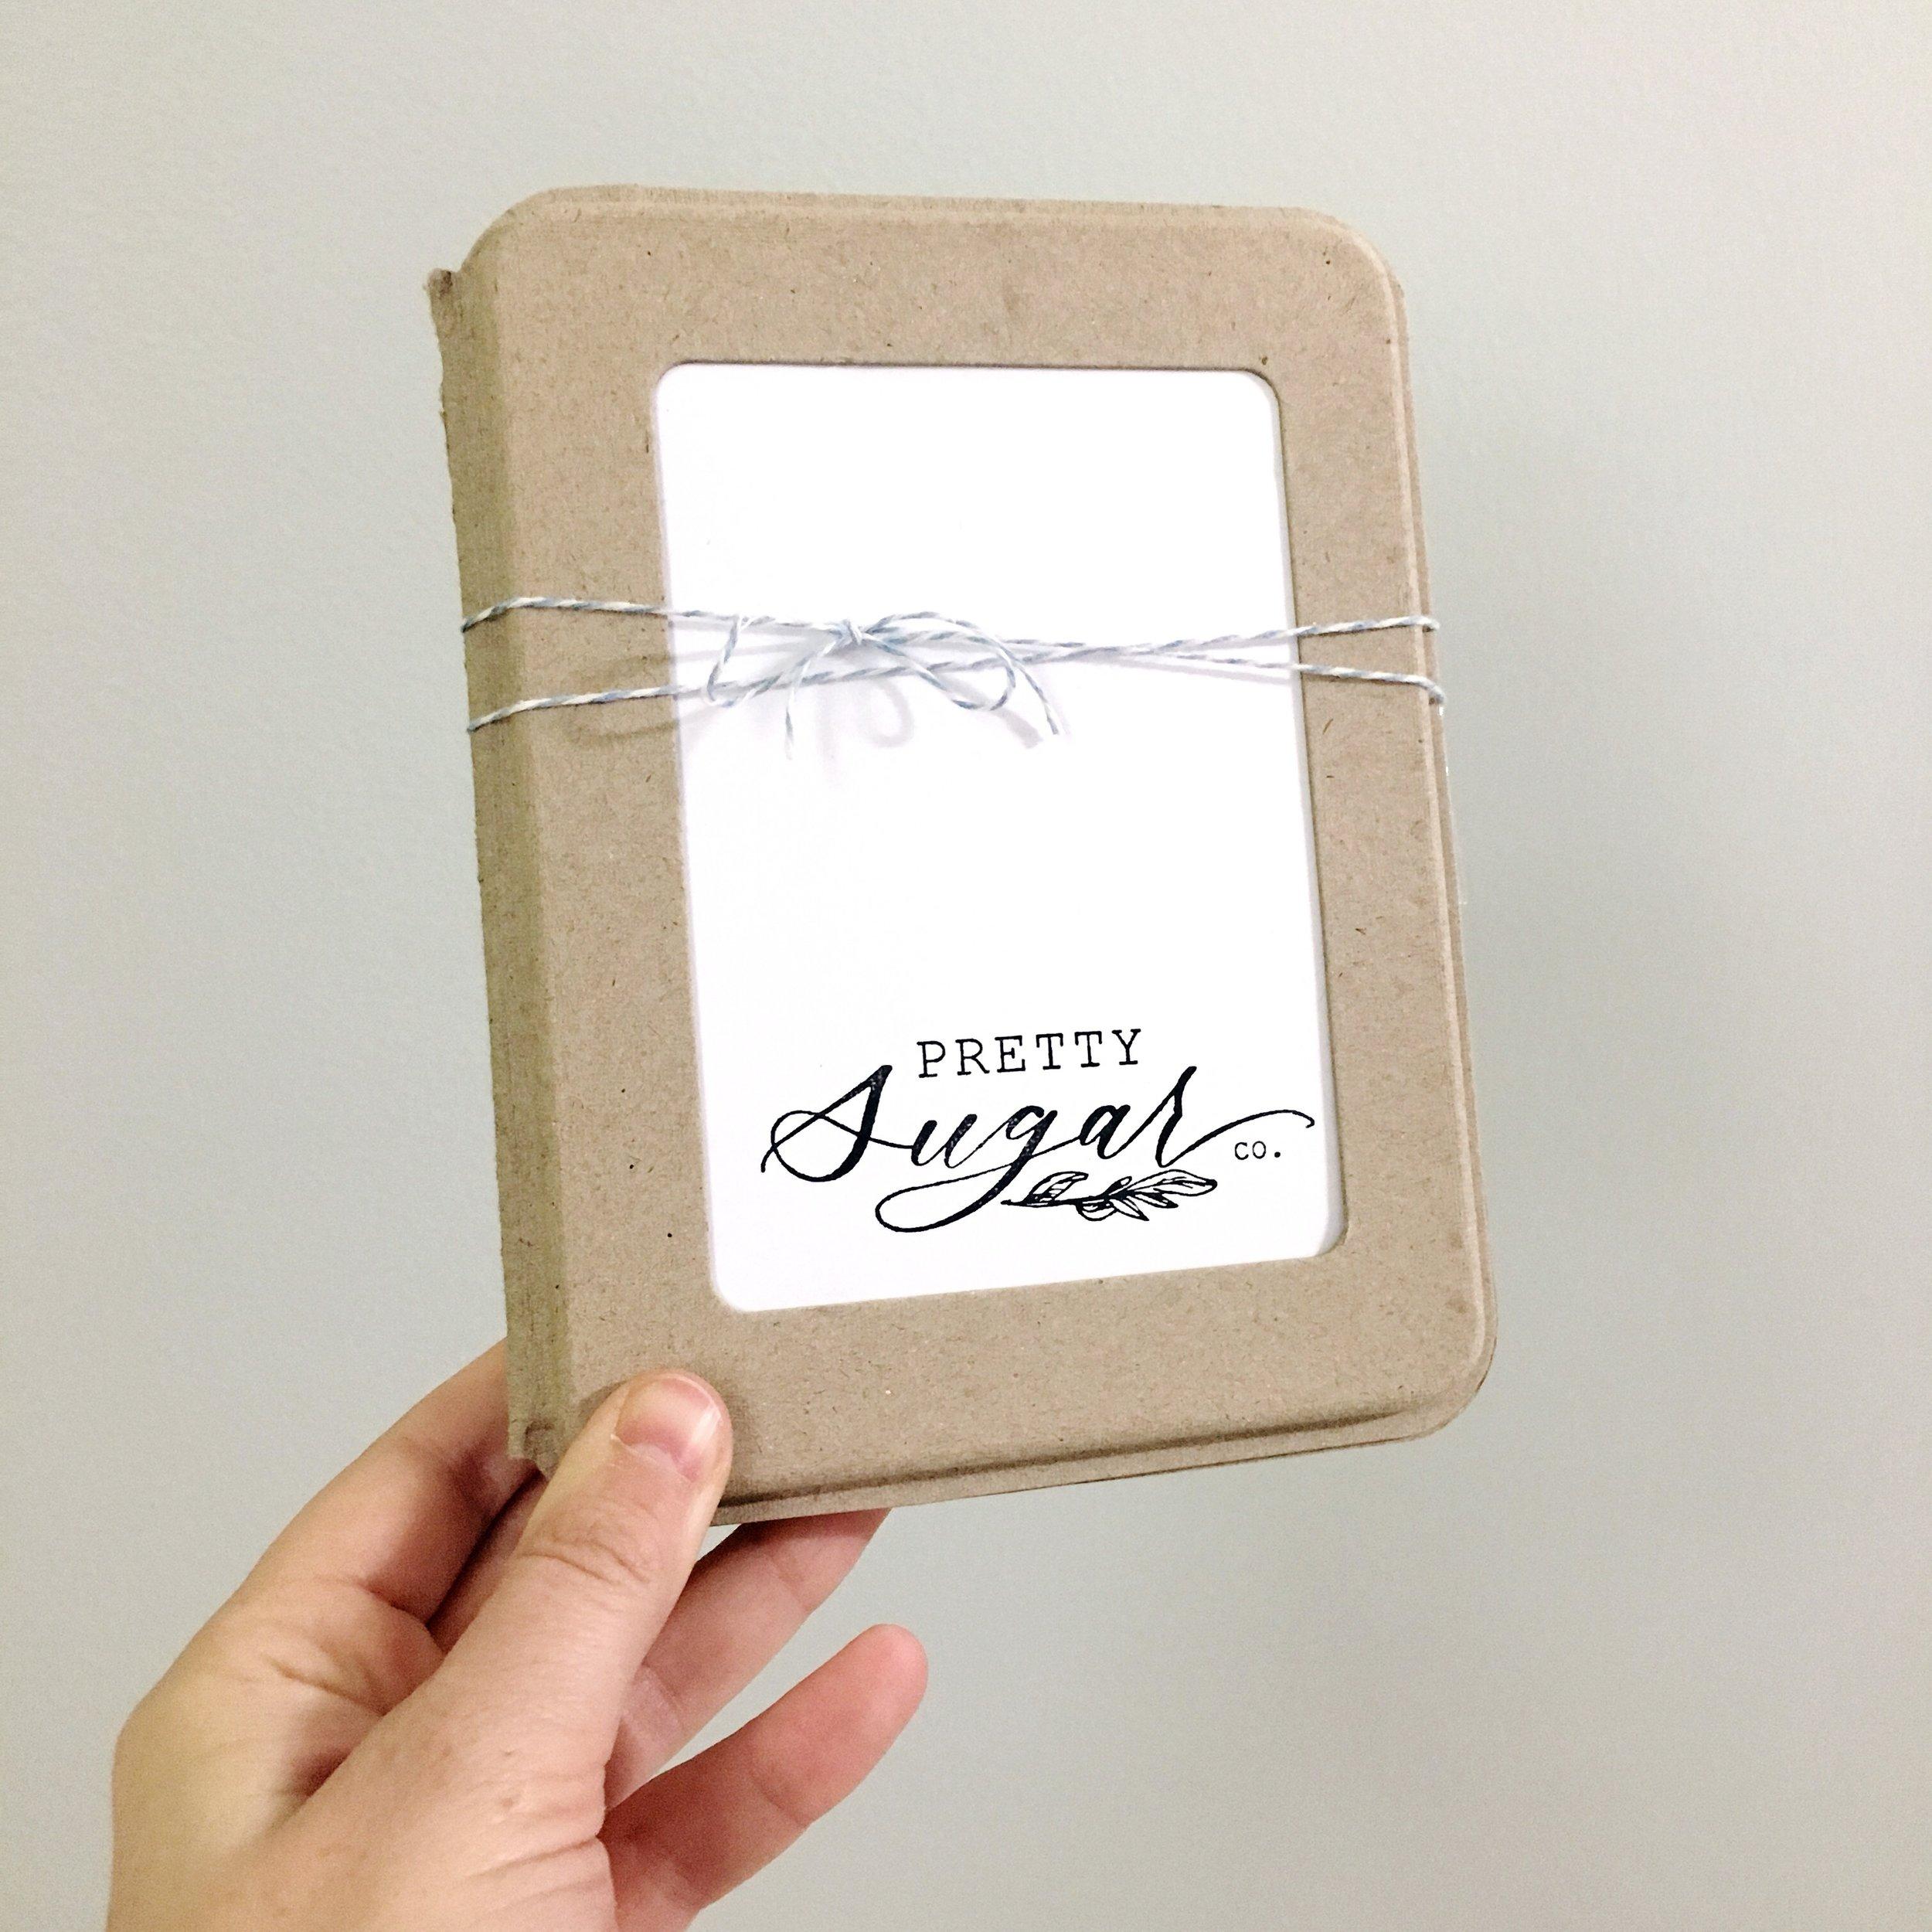 Creatiate Stamps Packaging Ideas - The Creatiate DIY Blog _0490.jpg